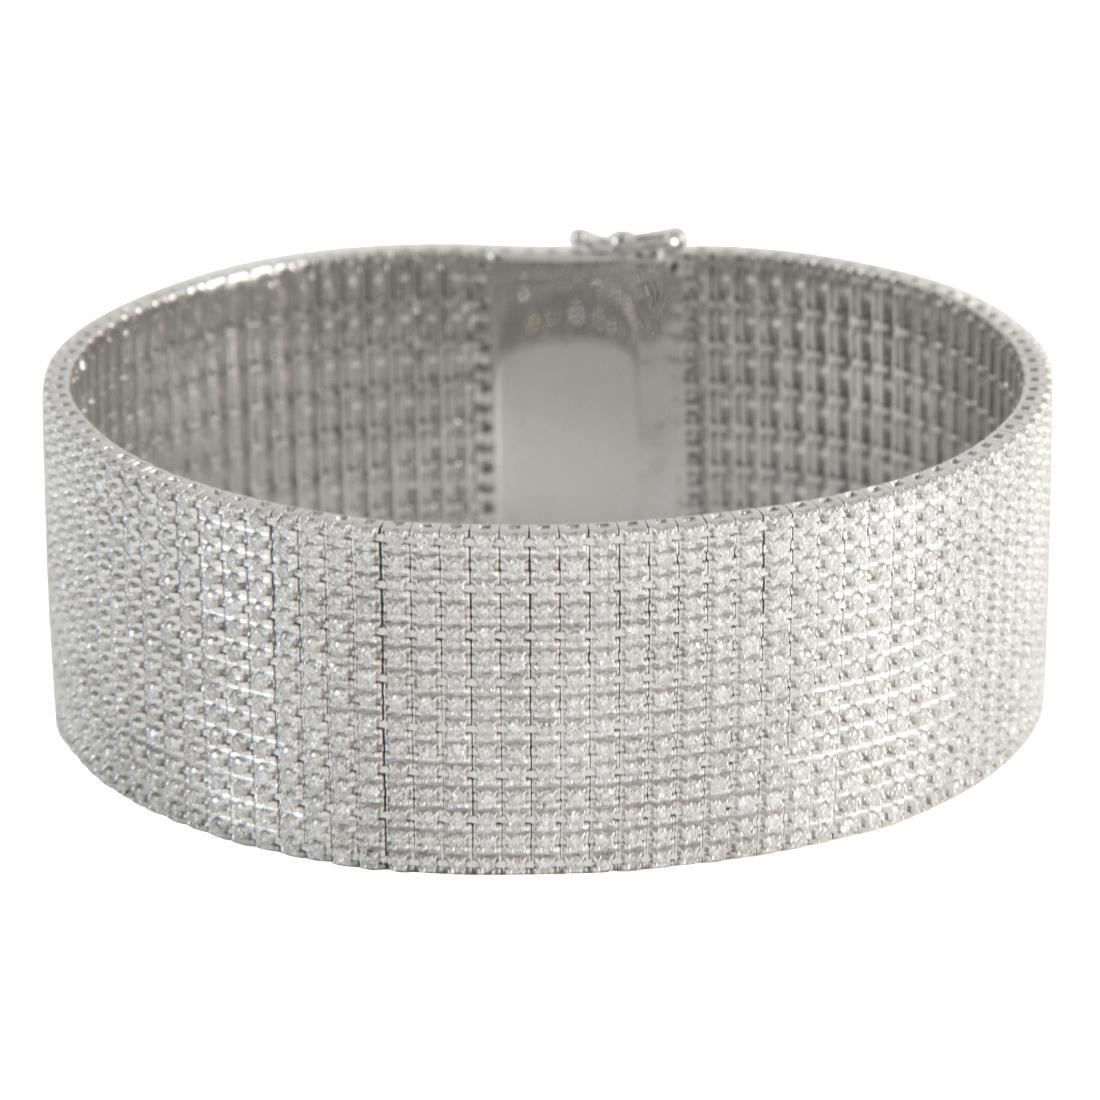 Bracciale unito 15 file in oro bianco con diamanti ct 9.35 - ALFIERI ST JOHN